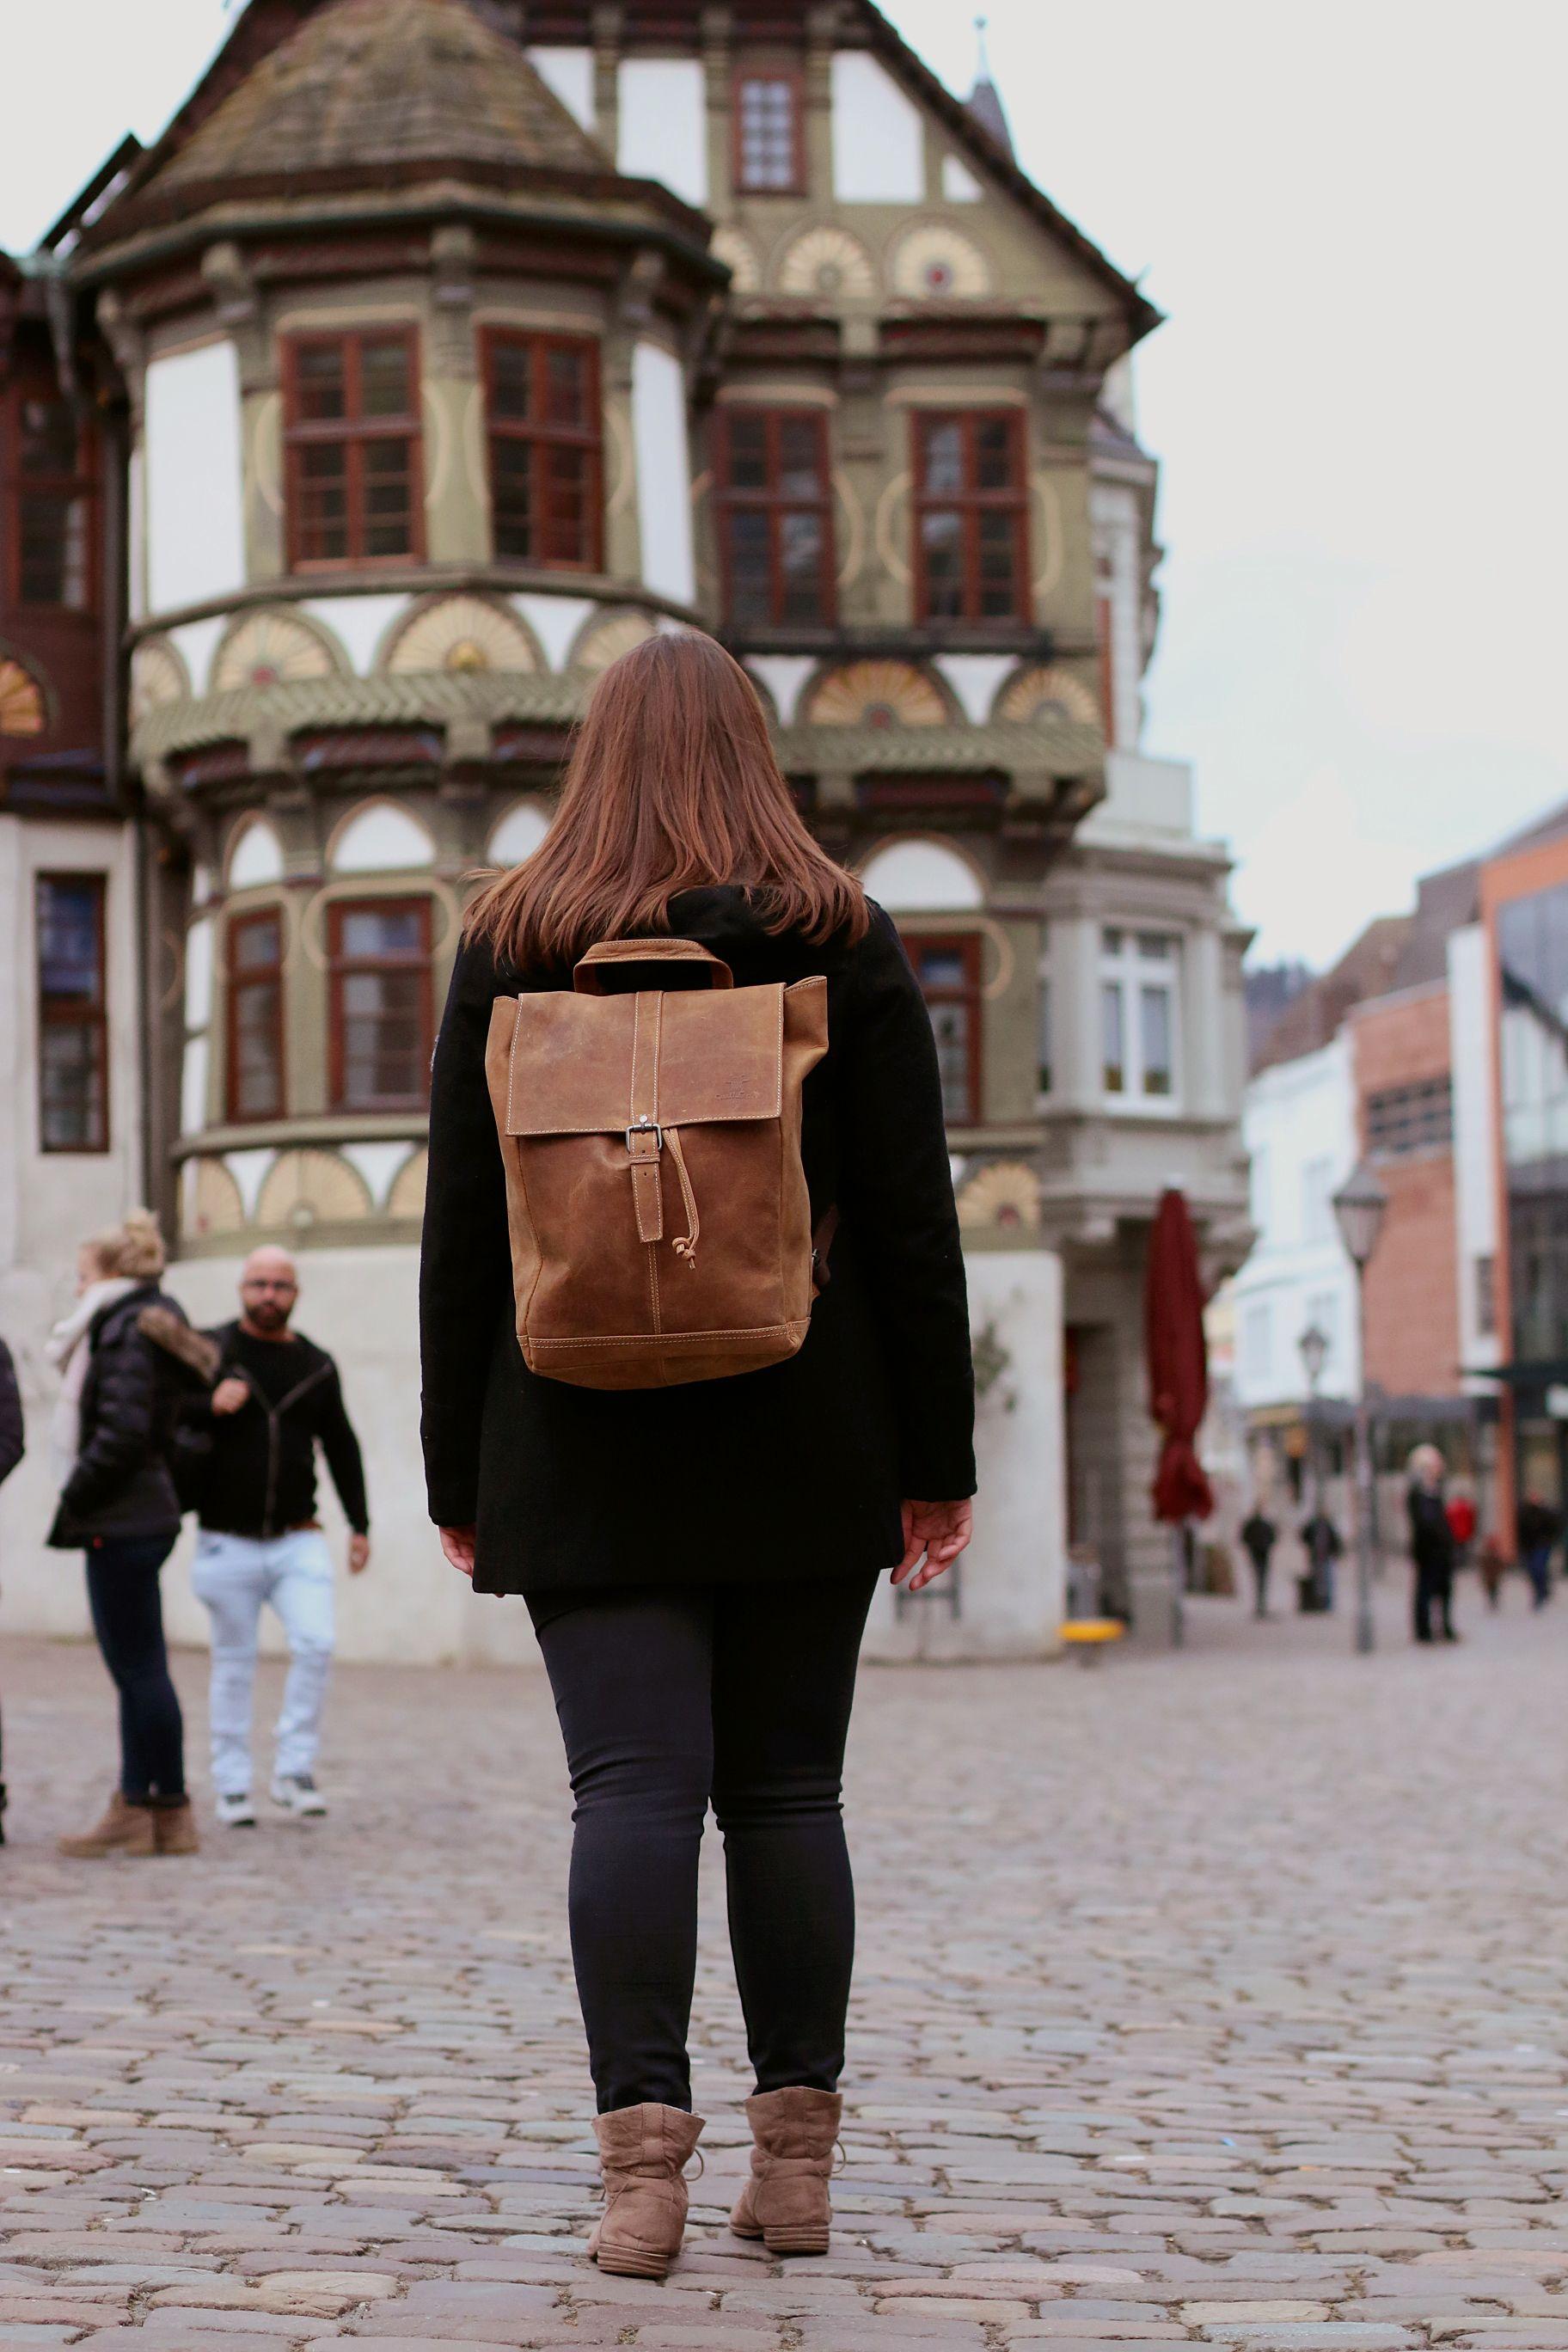 """Dem entspannten Ausflug in die Stadt oder der nächsten Wandertour steht nichts mehr im Weg, denn """"Jaime"""" wird Dich komfortabel und stylisch überallhin begleiten. - Gusti Leder - 2M21-20-1wp"""